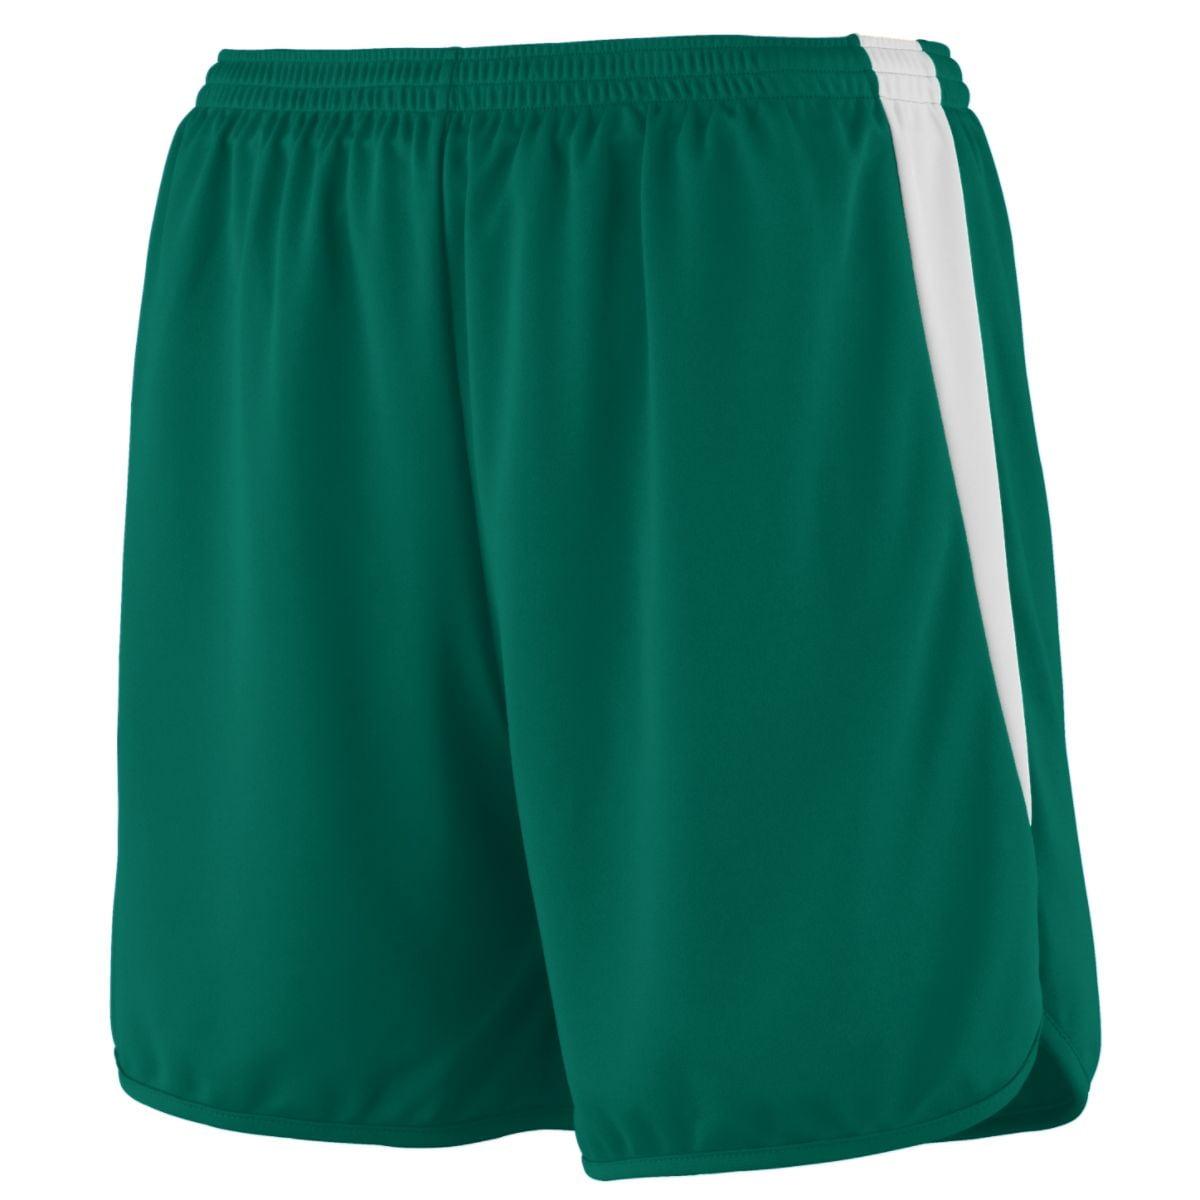 Augusta Activewear Mens Lighting Short